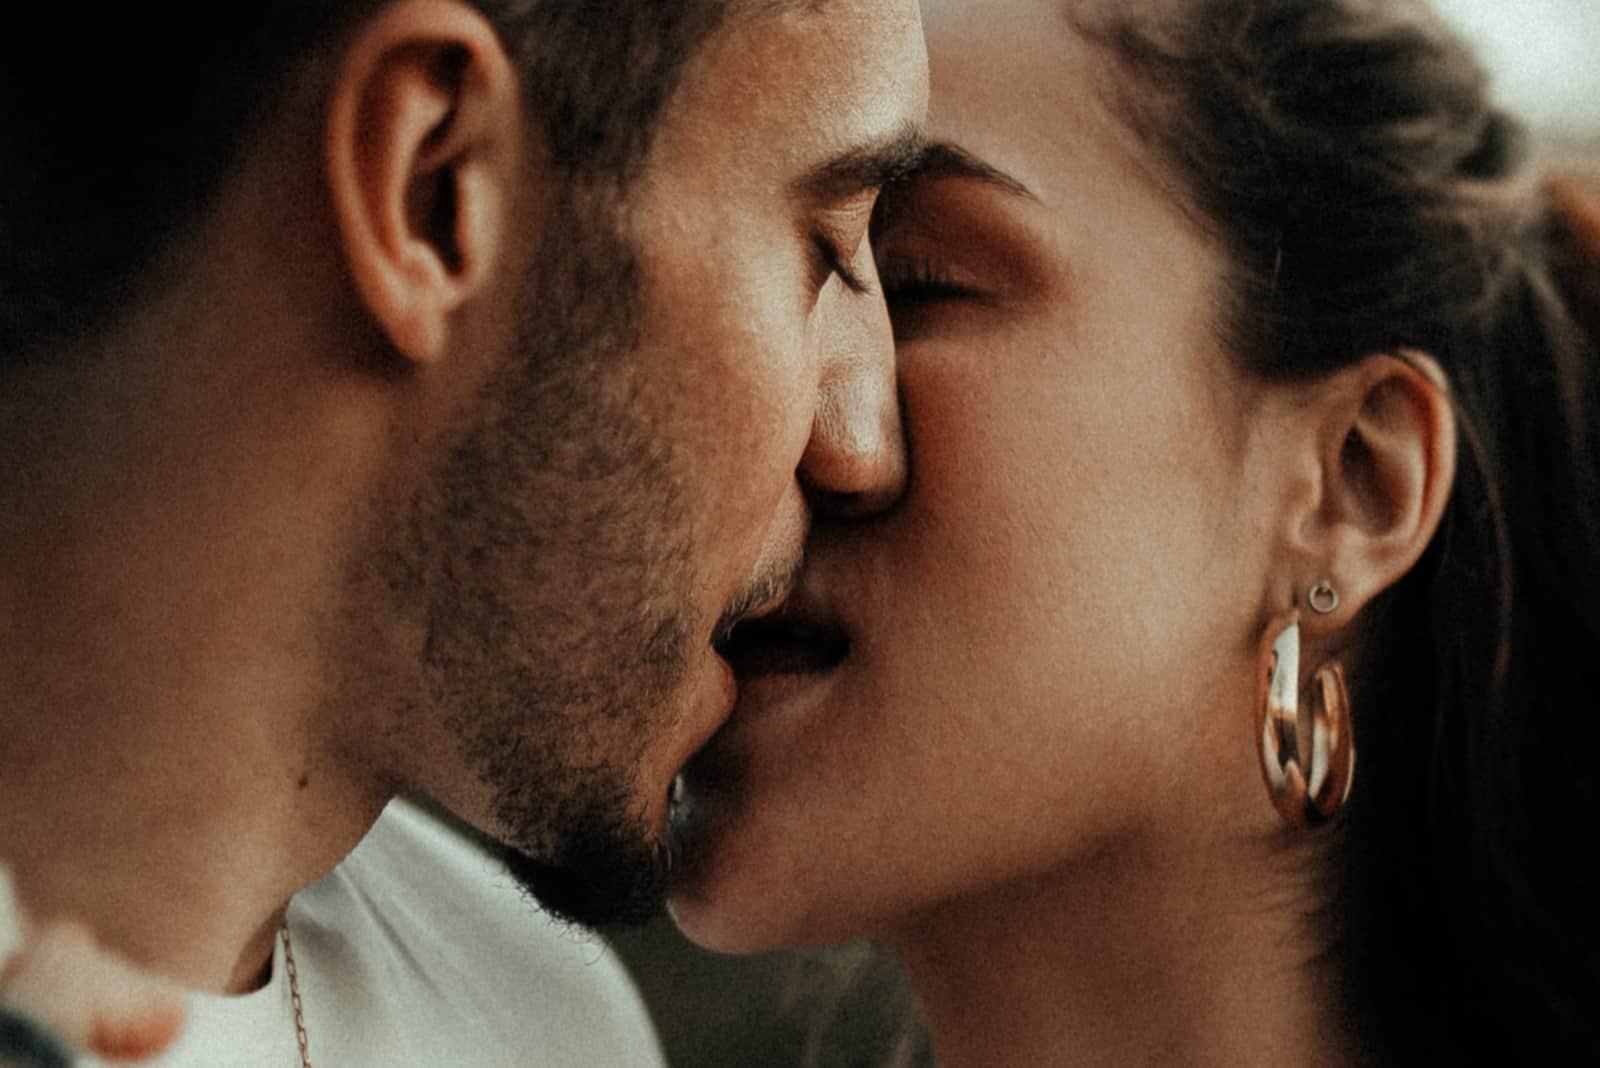 homme et femme avec boucle d'oreille en or s'embrassant